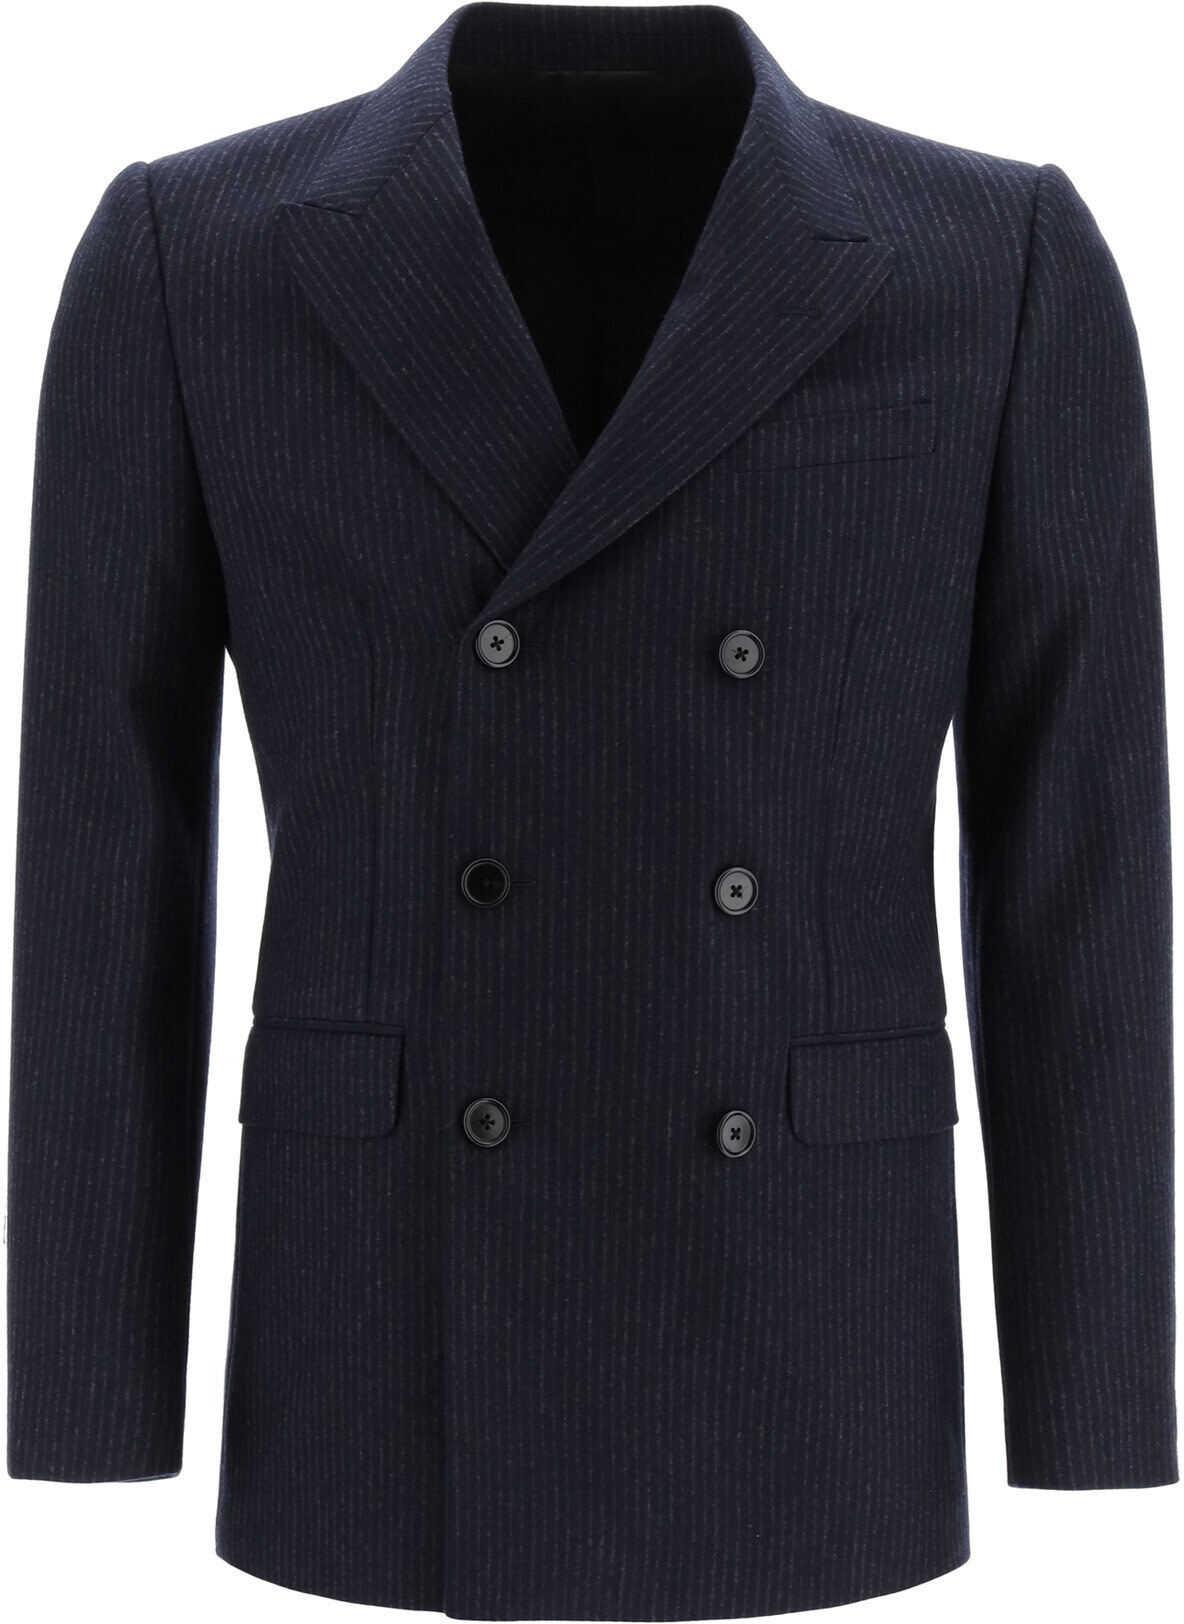 Céline Striped Wool Flannel Jacket NAVY ANTHRACITE imagine